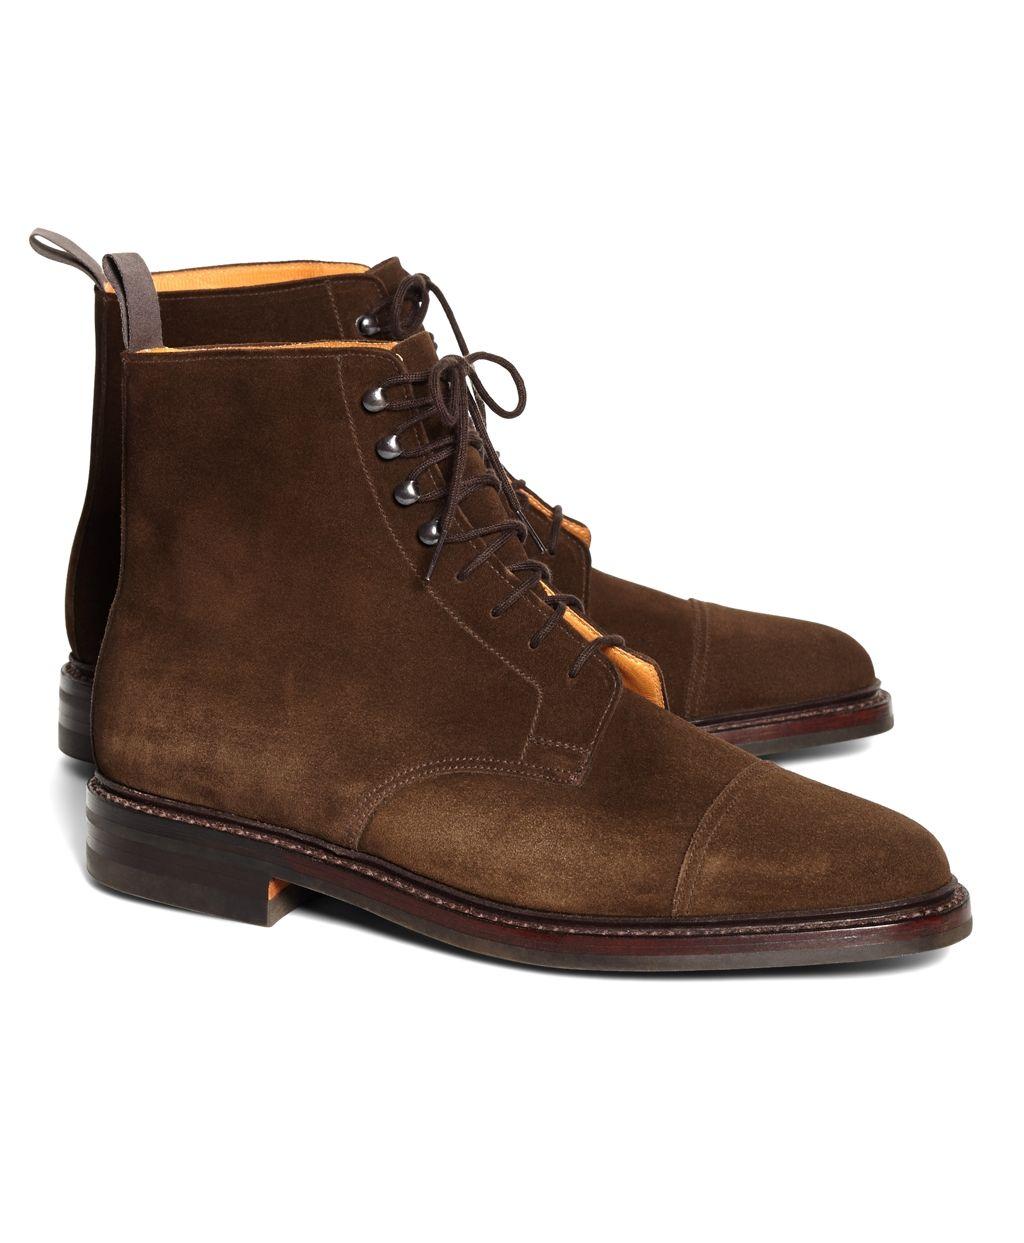 BANANA REPUBLIC MEN's Dress Shoes Cap TOE OXFORDS  US 8.5 M  (FB)